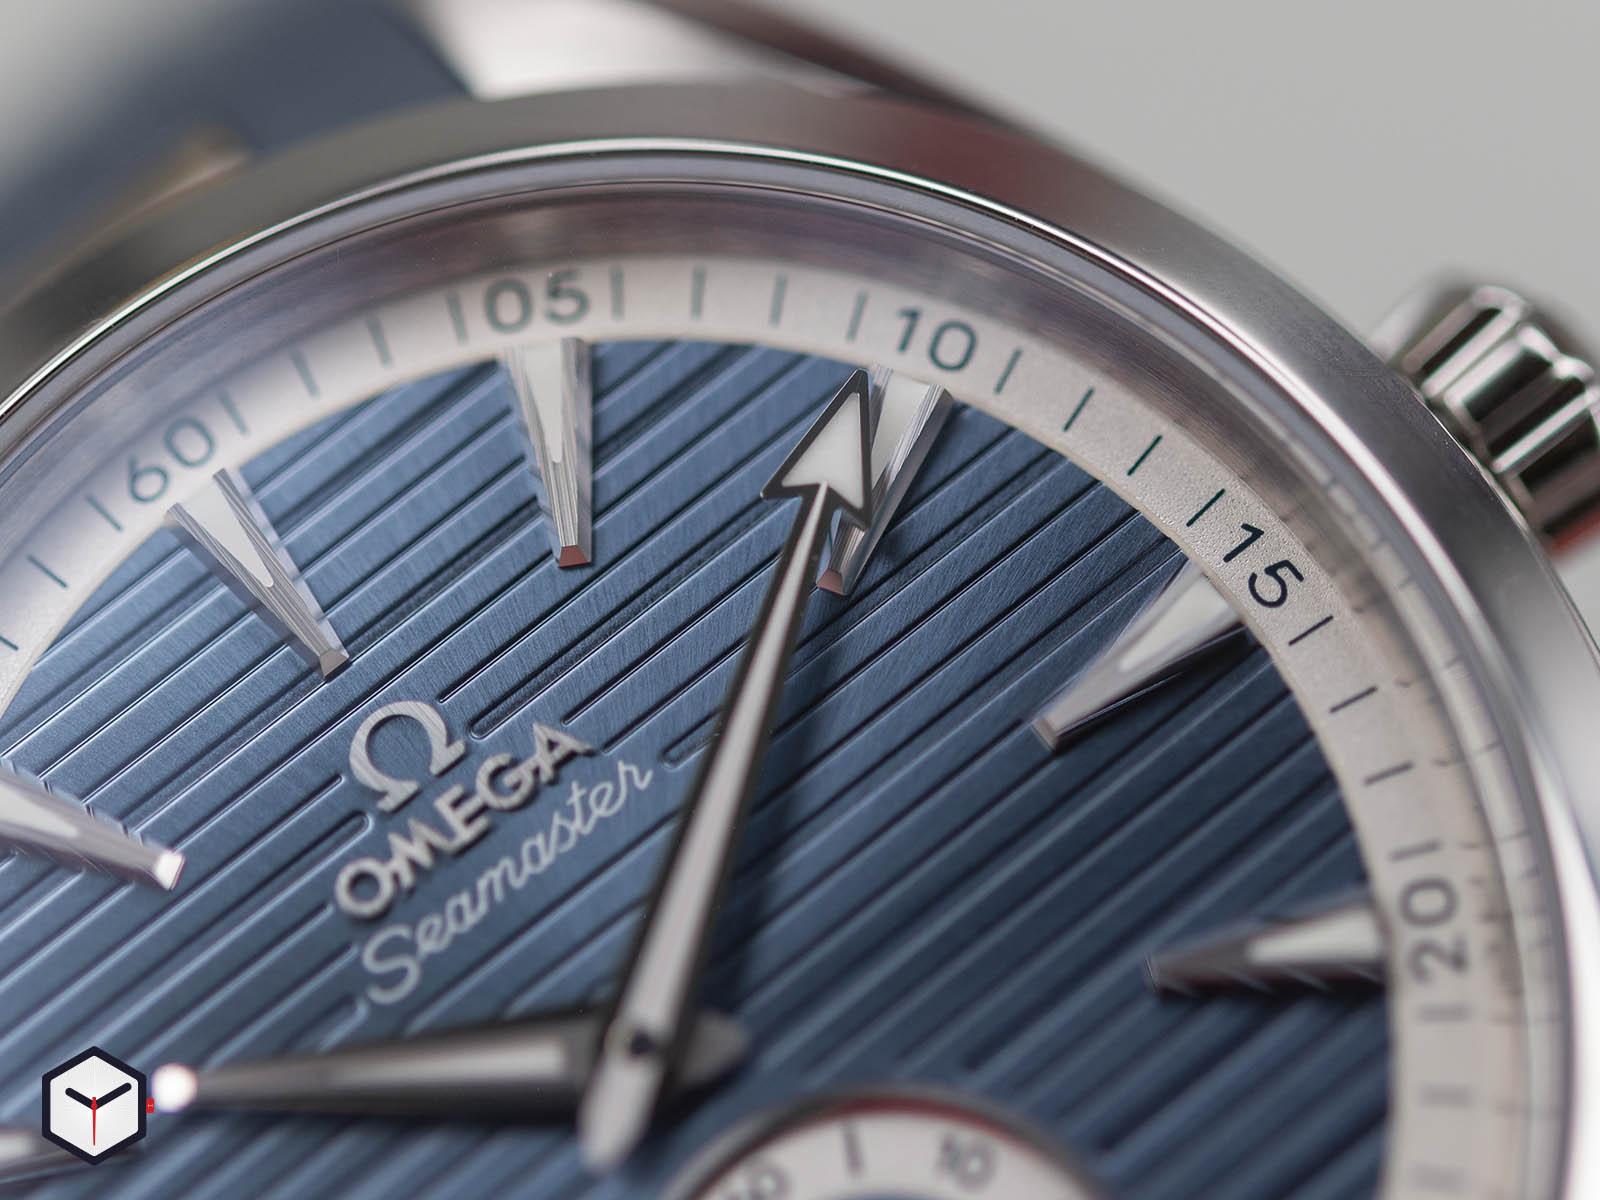 omega-aqua-terra-150m-co-axial-master-chronometer-small-seconds-41mm-3.jpg